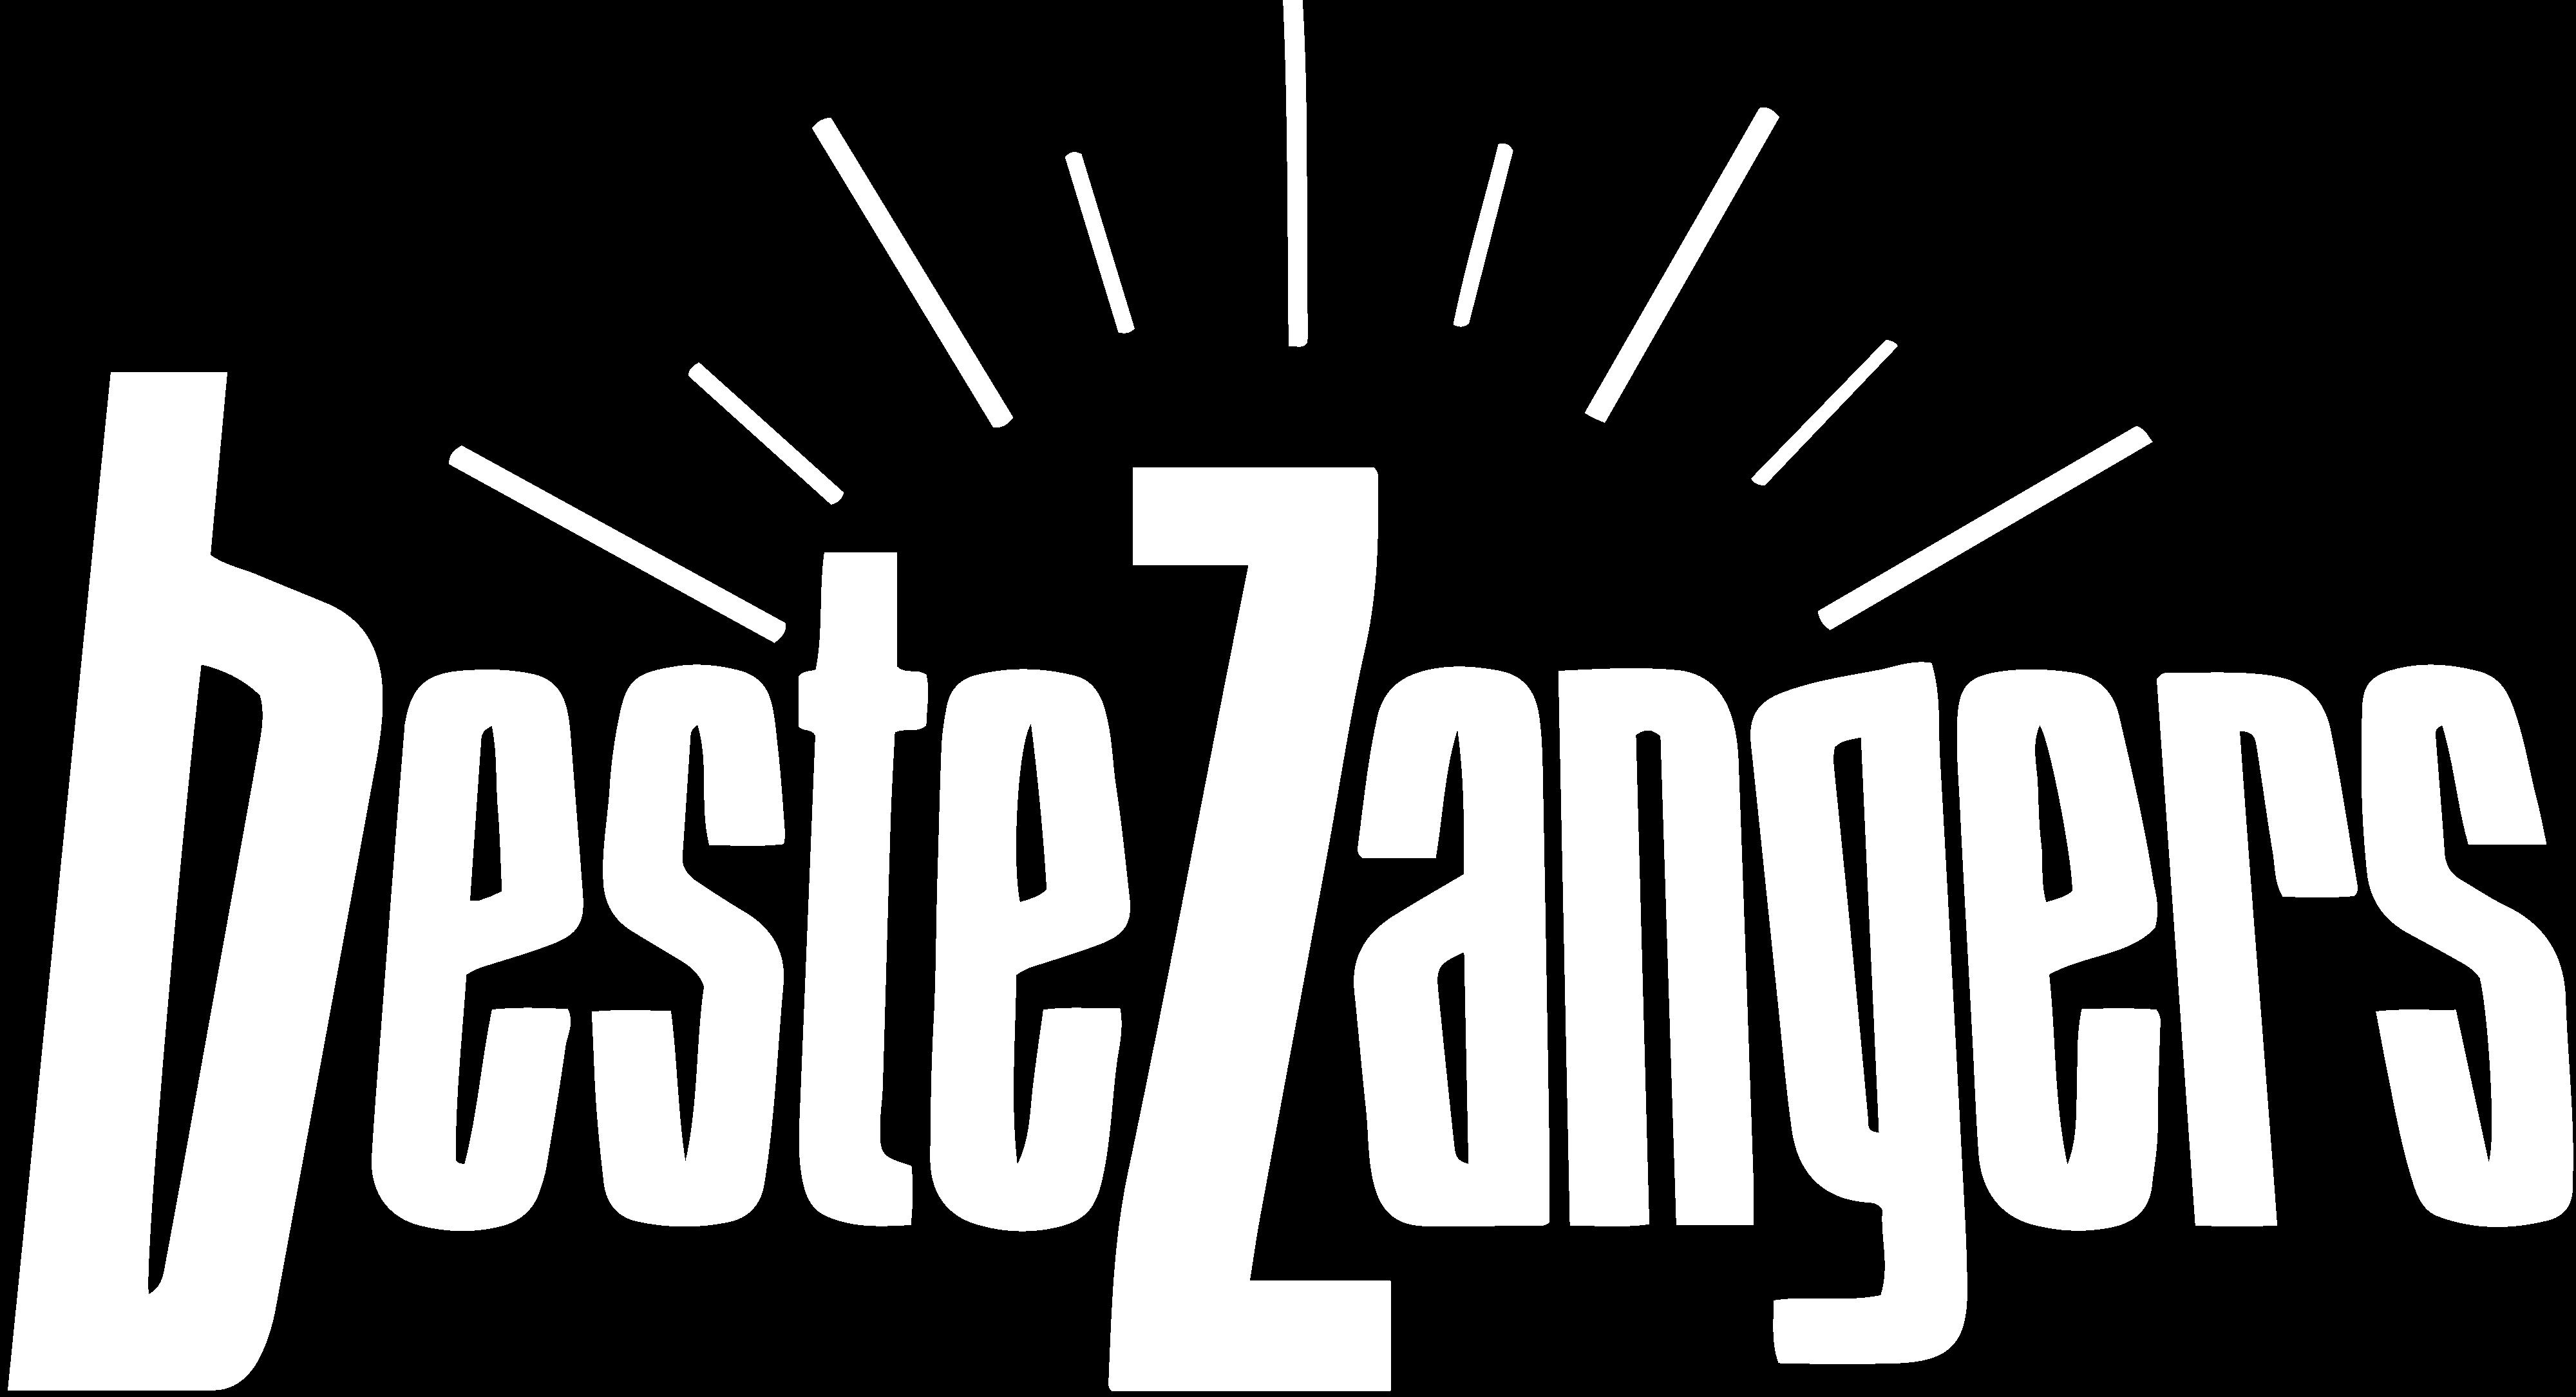 Beste Zangers Logo - Floor Jansen